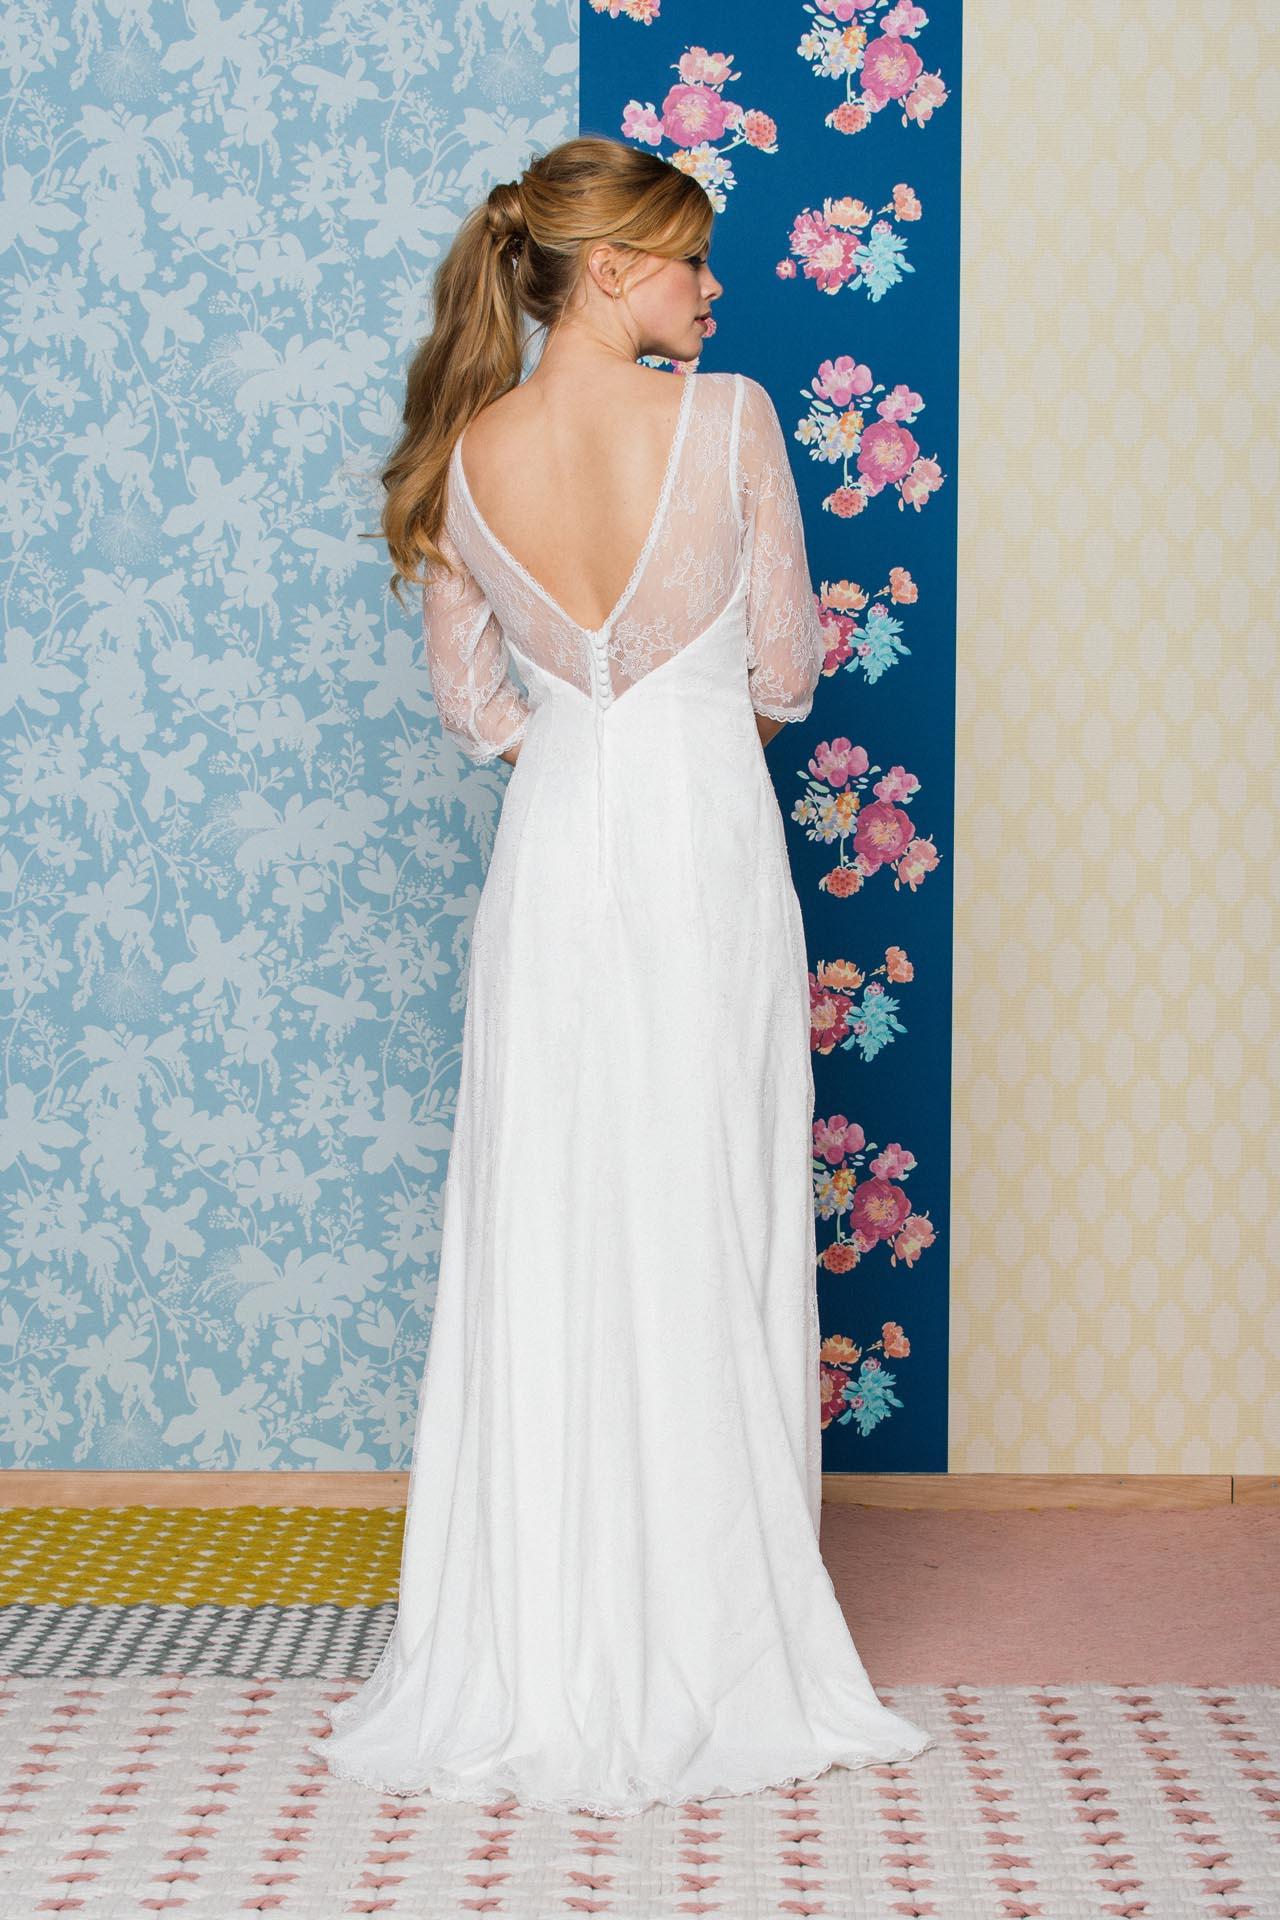 Brautkleid mit 34 Arm in feiner Vintage Spitze  schmal flieender Boho Traum